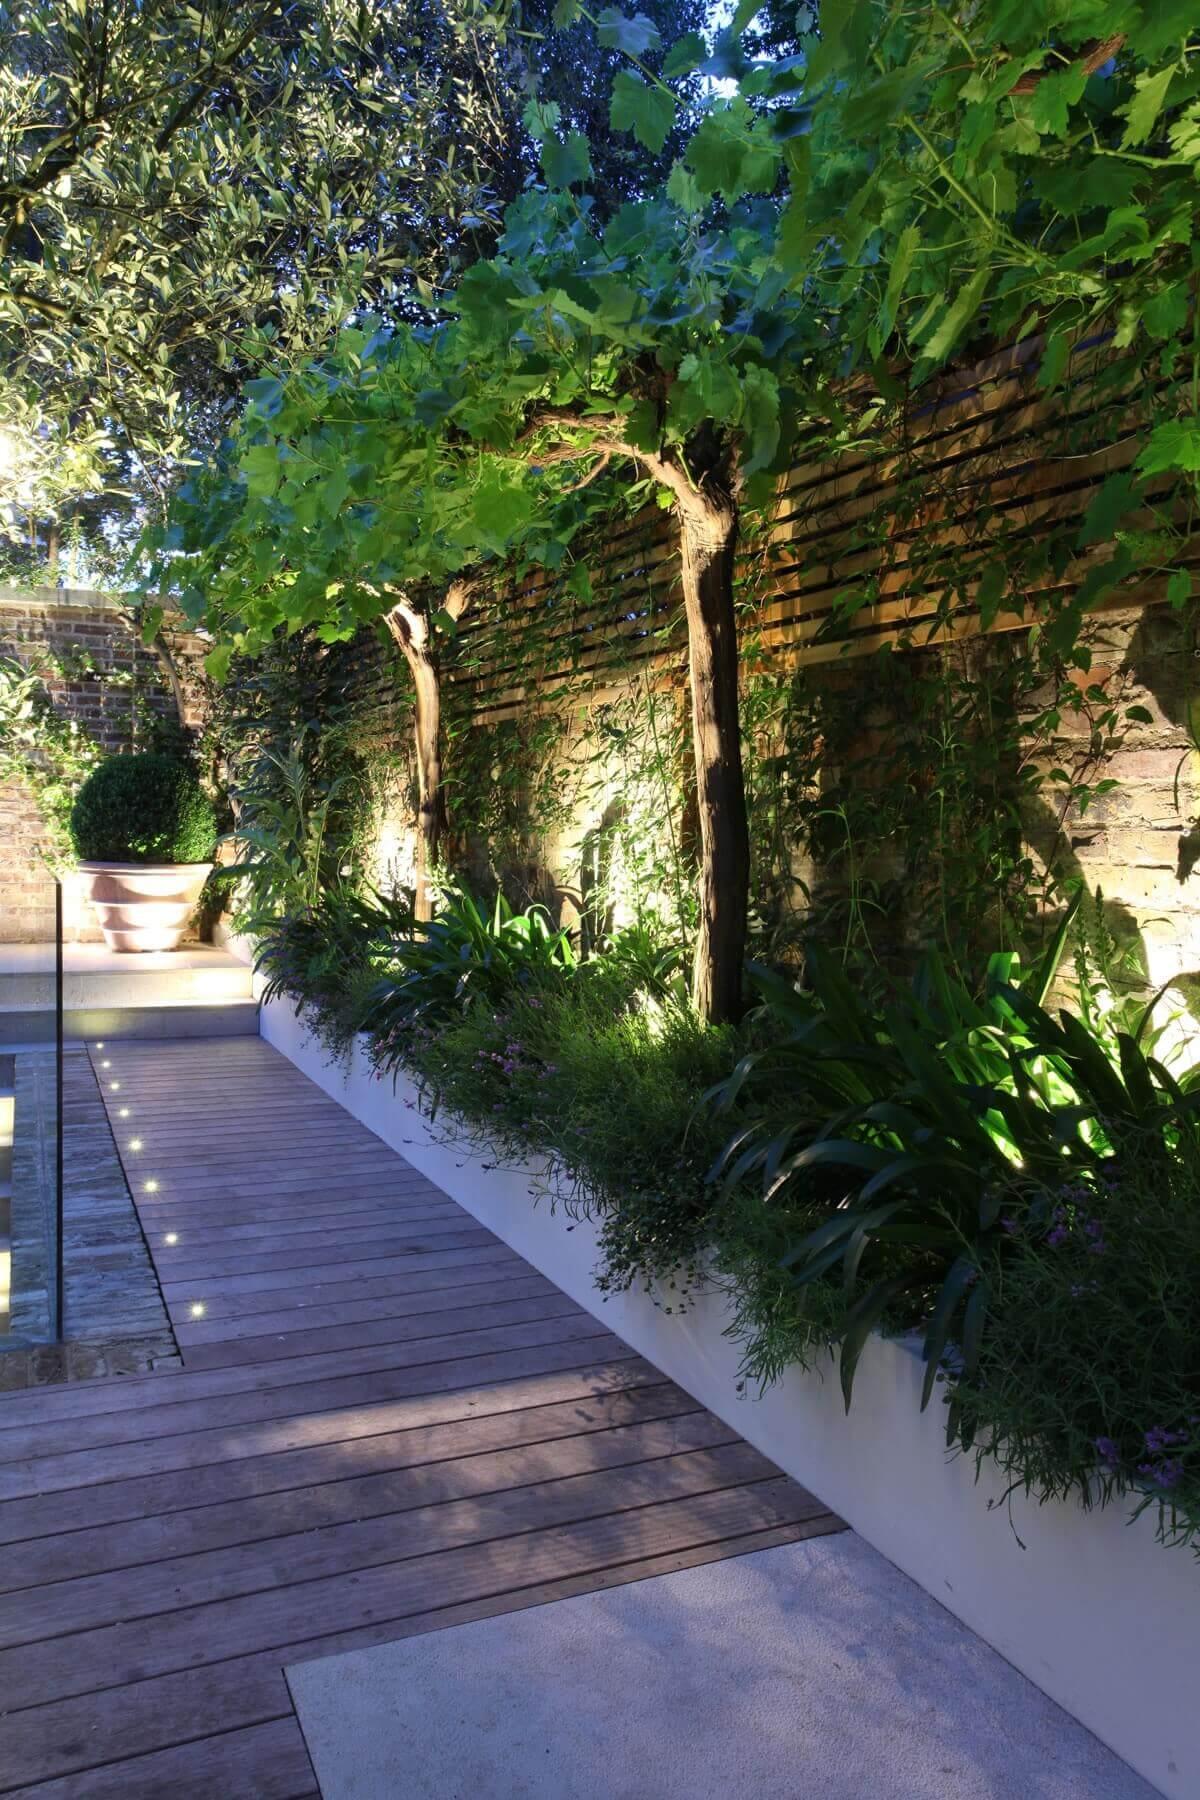 Backlit Garden Planter Beds and Spotlights